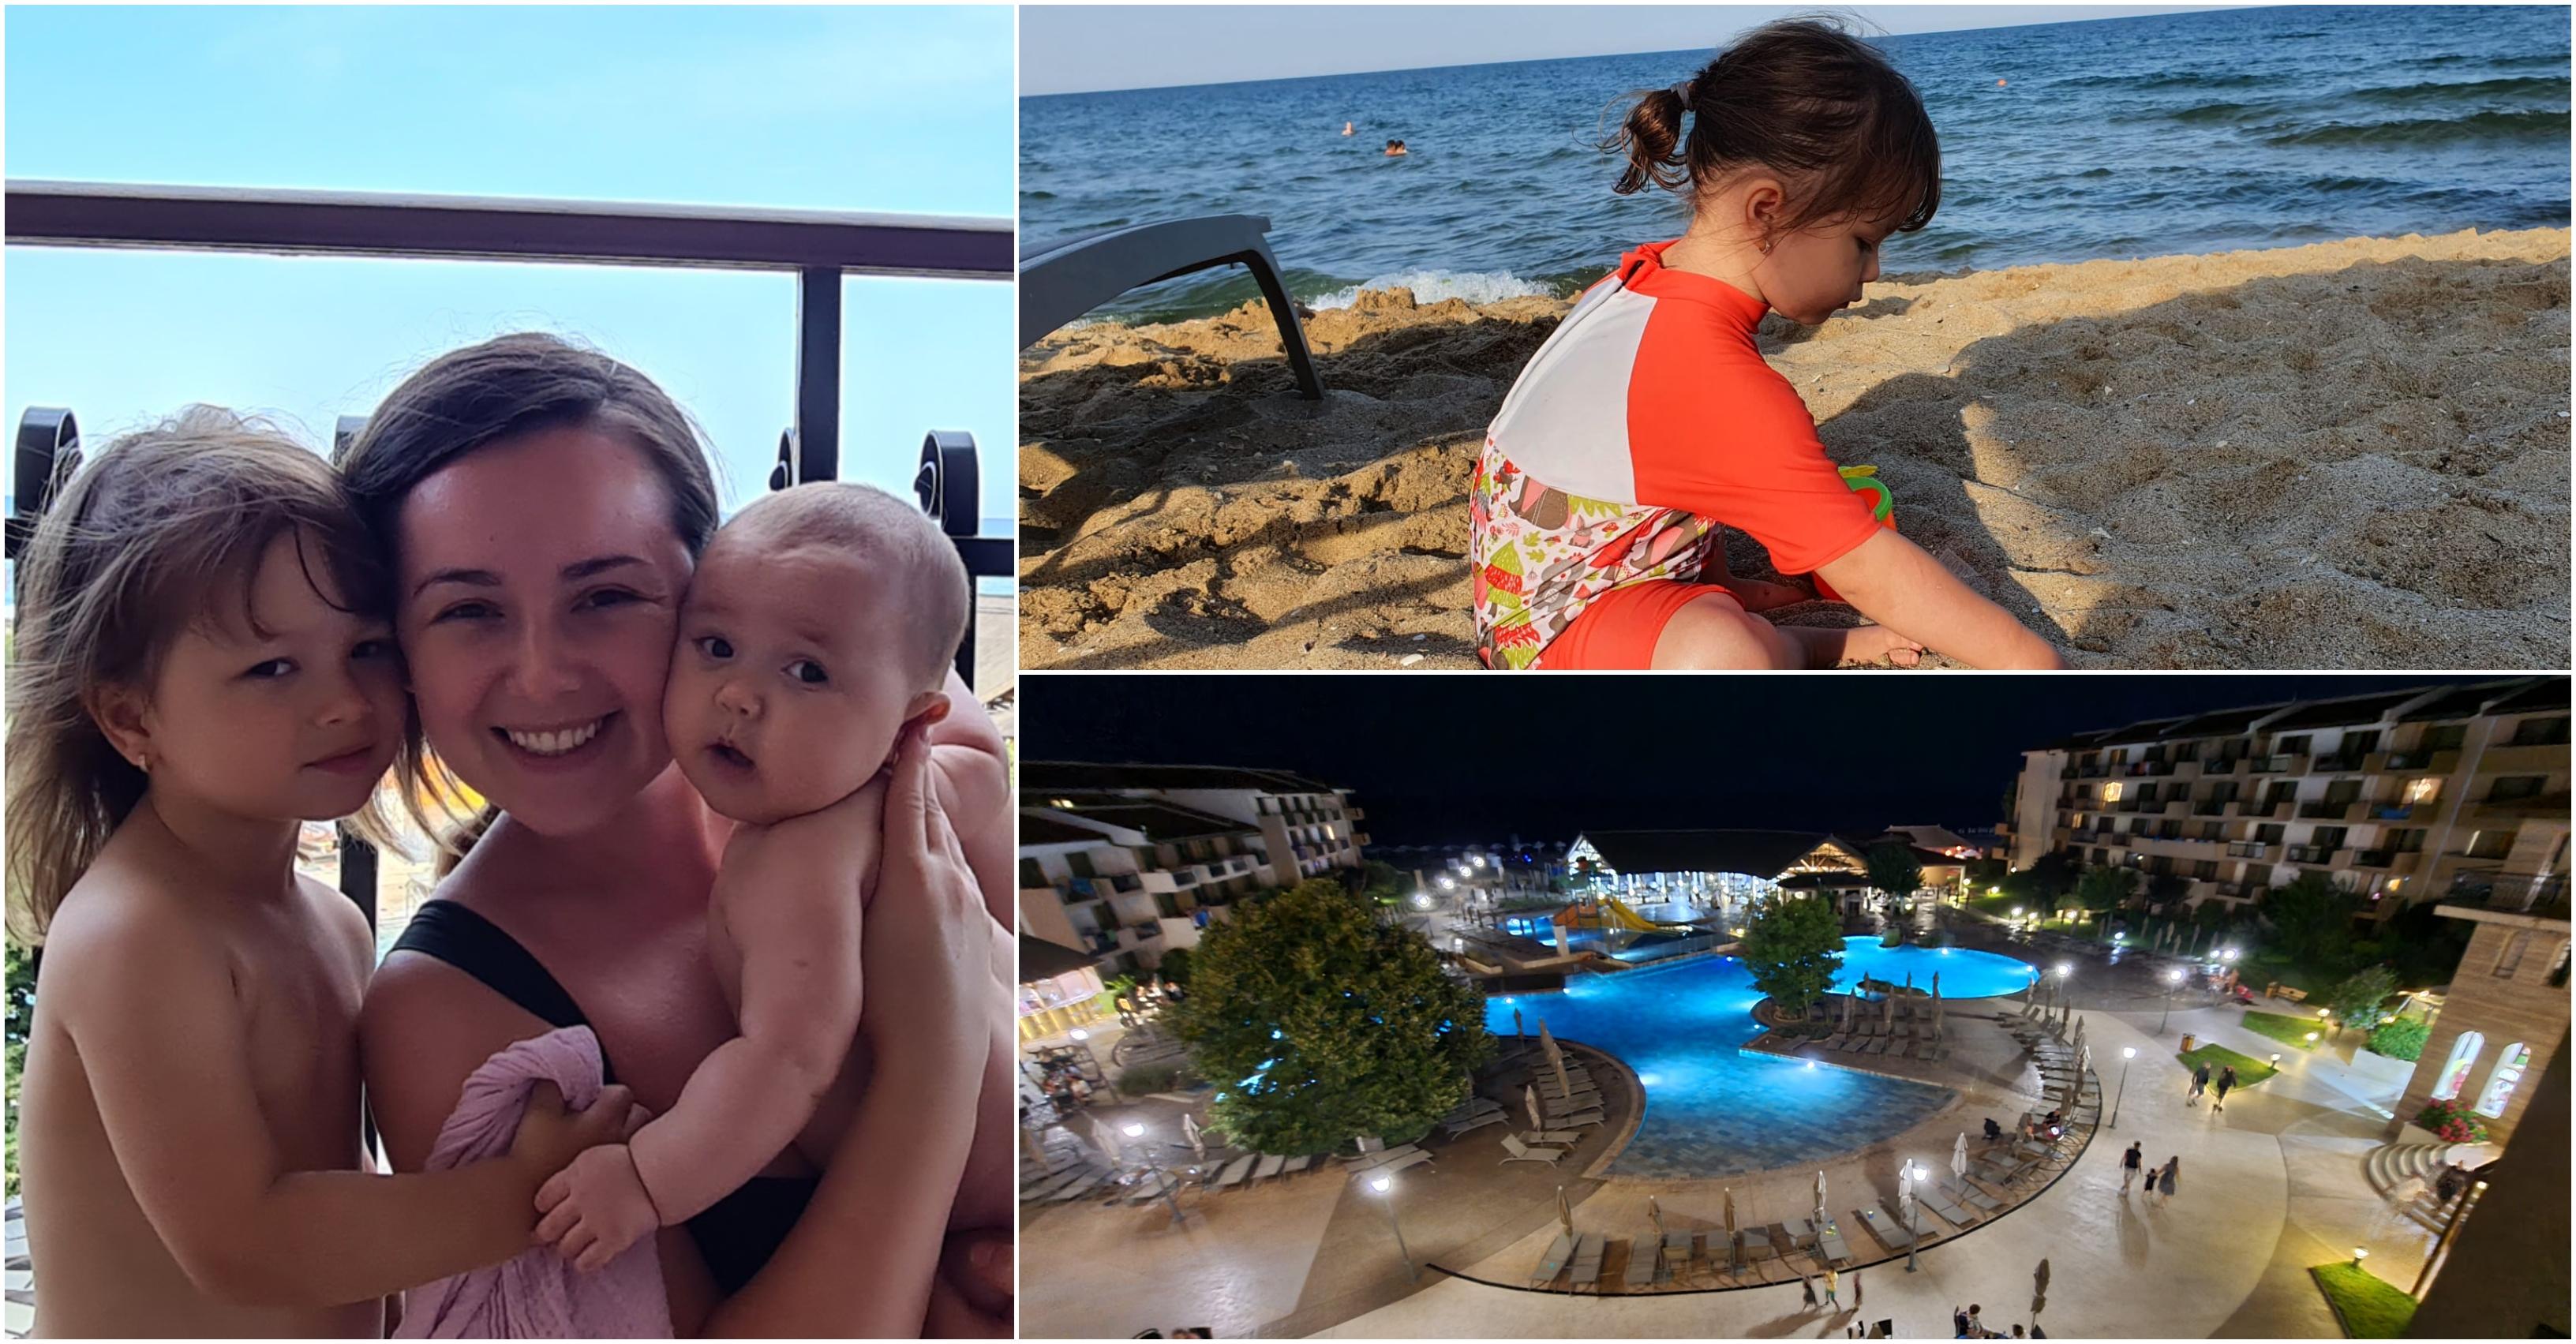 La mare cu un bebeluș și un copil de trei ani. Alegerea perfectă: HVD Clubhotel Miramar, locație de top pentru familiile cu copii. Review complet   Demamici.ro